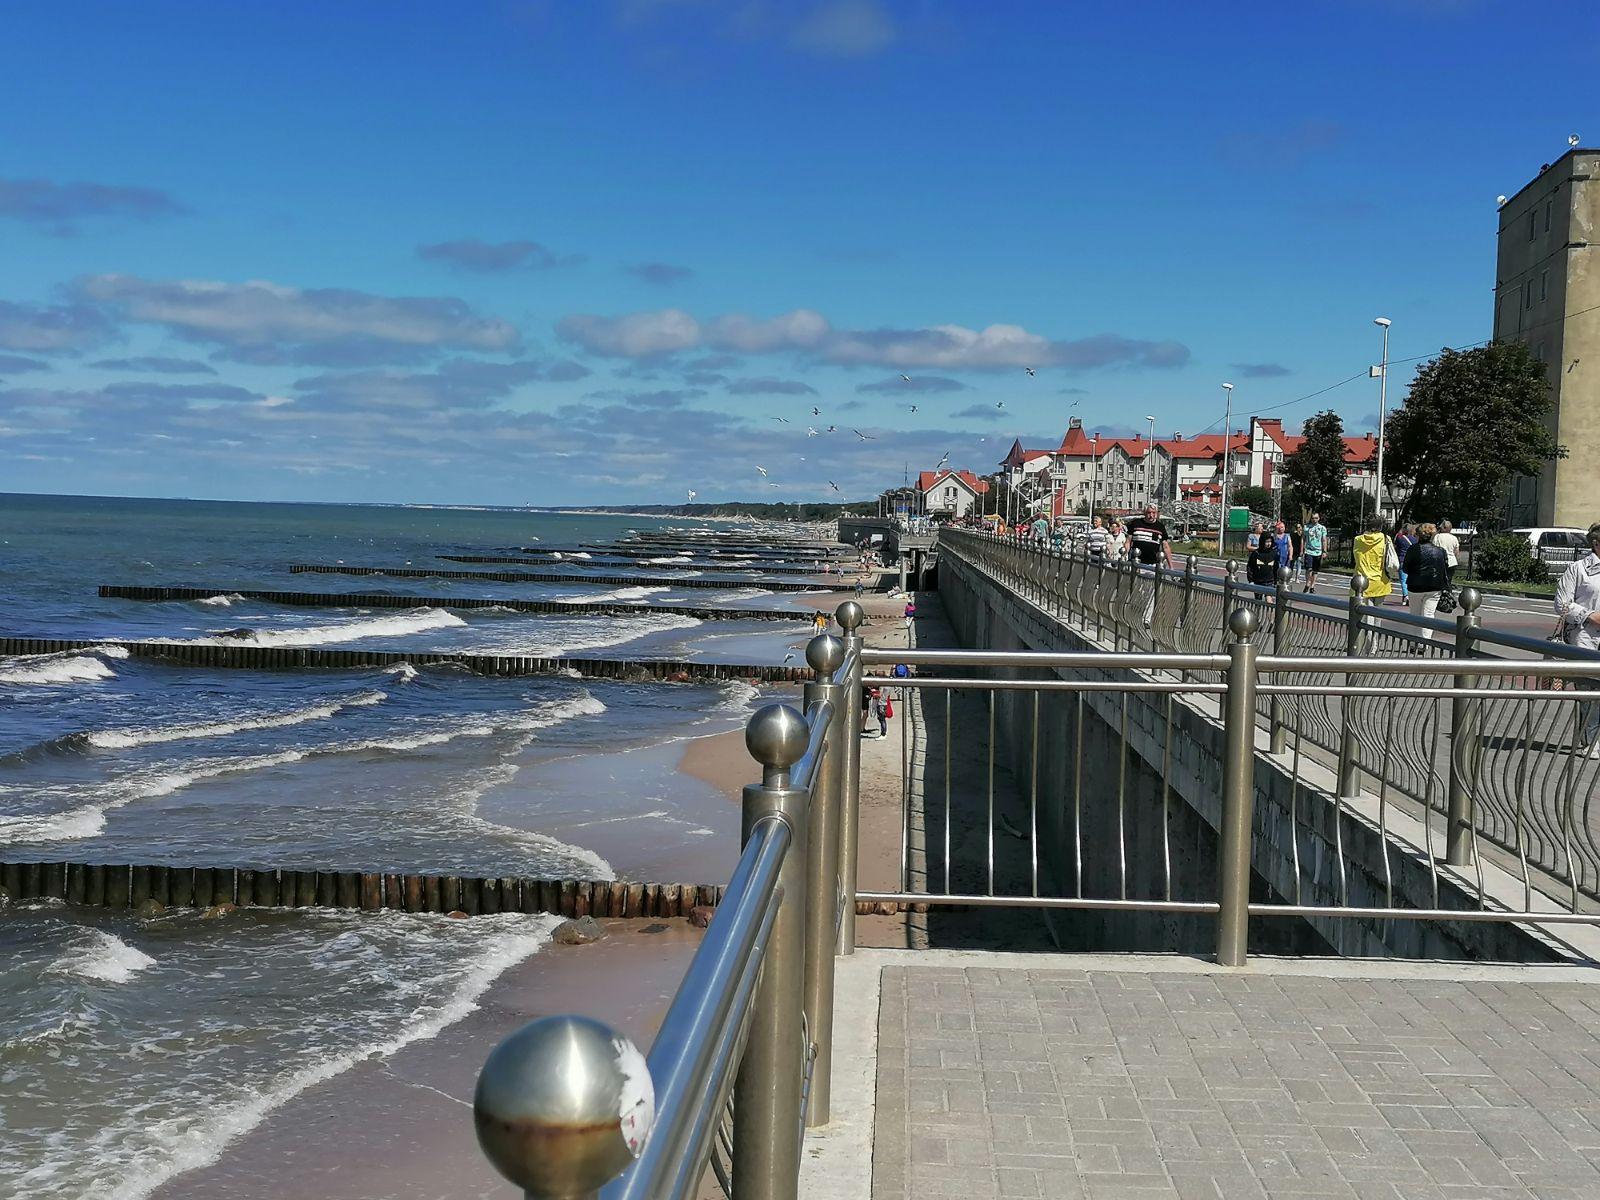 Pajūris nusėtas įspūdingais skardžiais, o paplūdimiai traukia nuostabiomis promenadomis. / I. Kriščiūnienės nuotr.